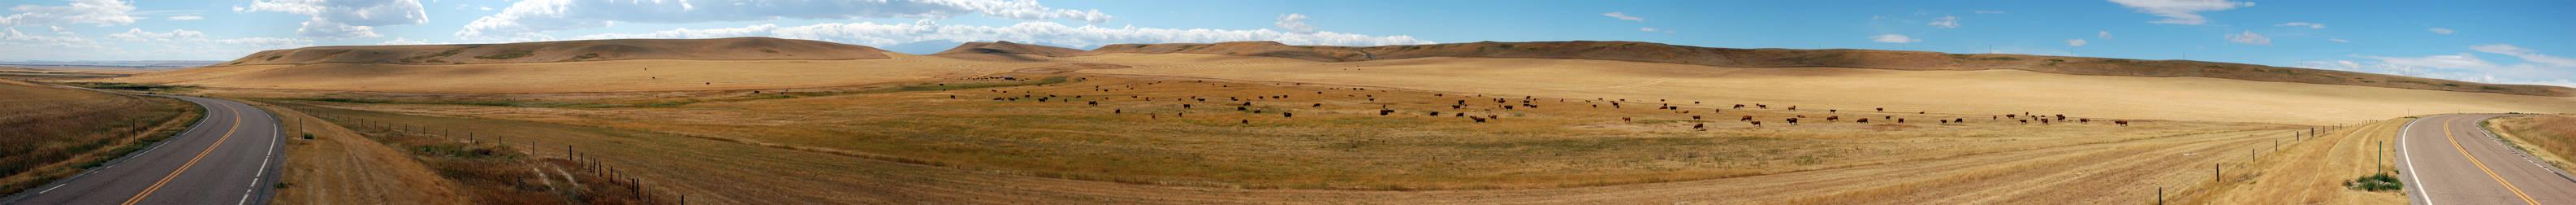 Great Plains 2007-08-21